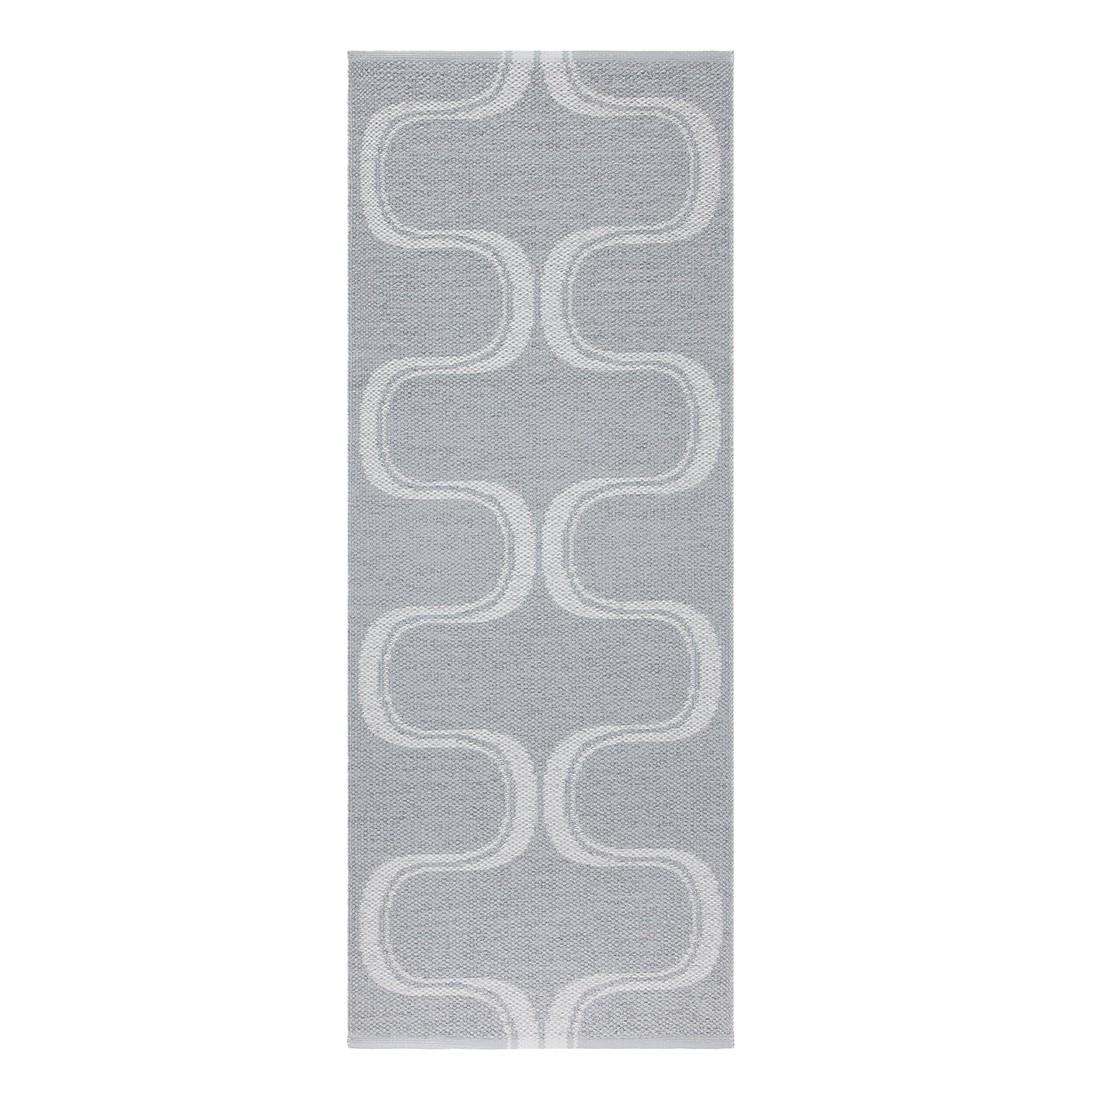 In-/Outdoorteppich Waves I – Kunstfaser Beige/Cremeweiß – 60 x 110 cm, Swedy bestellen